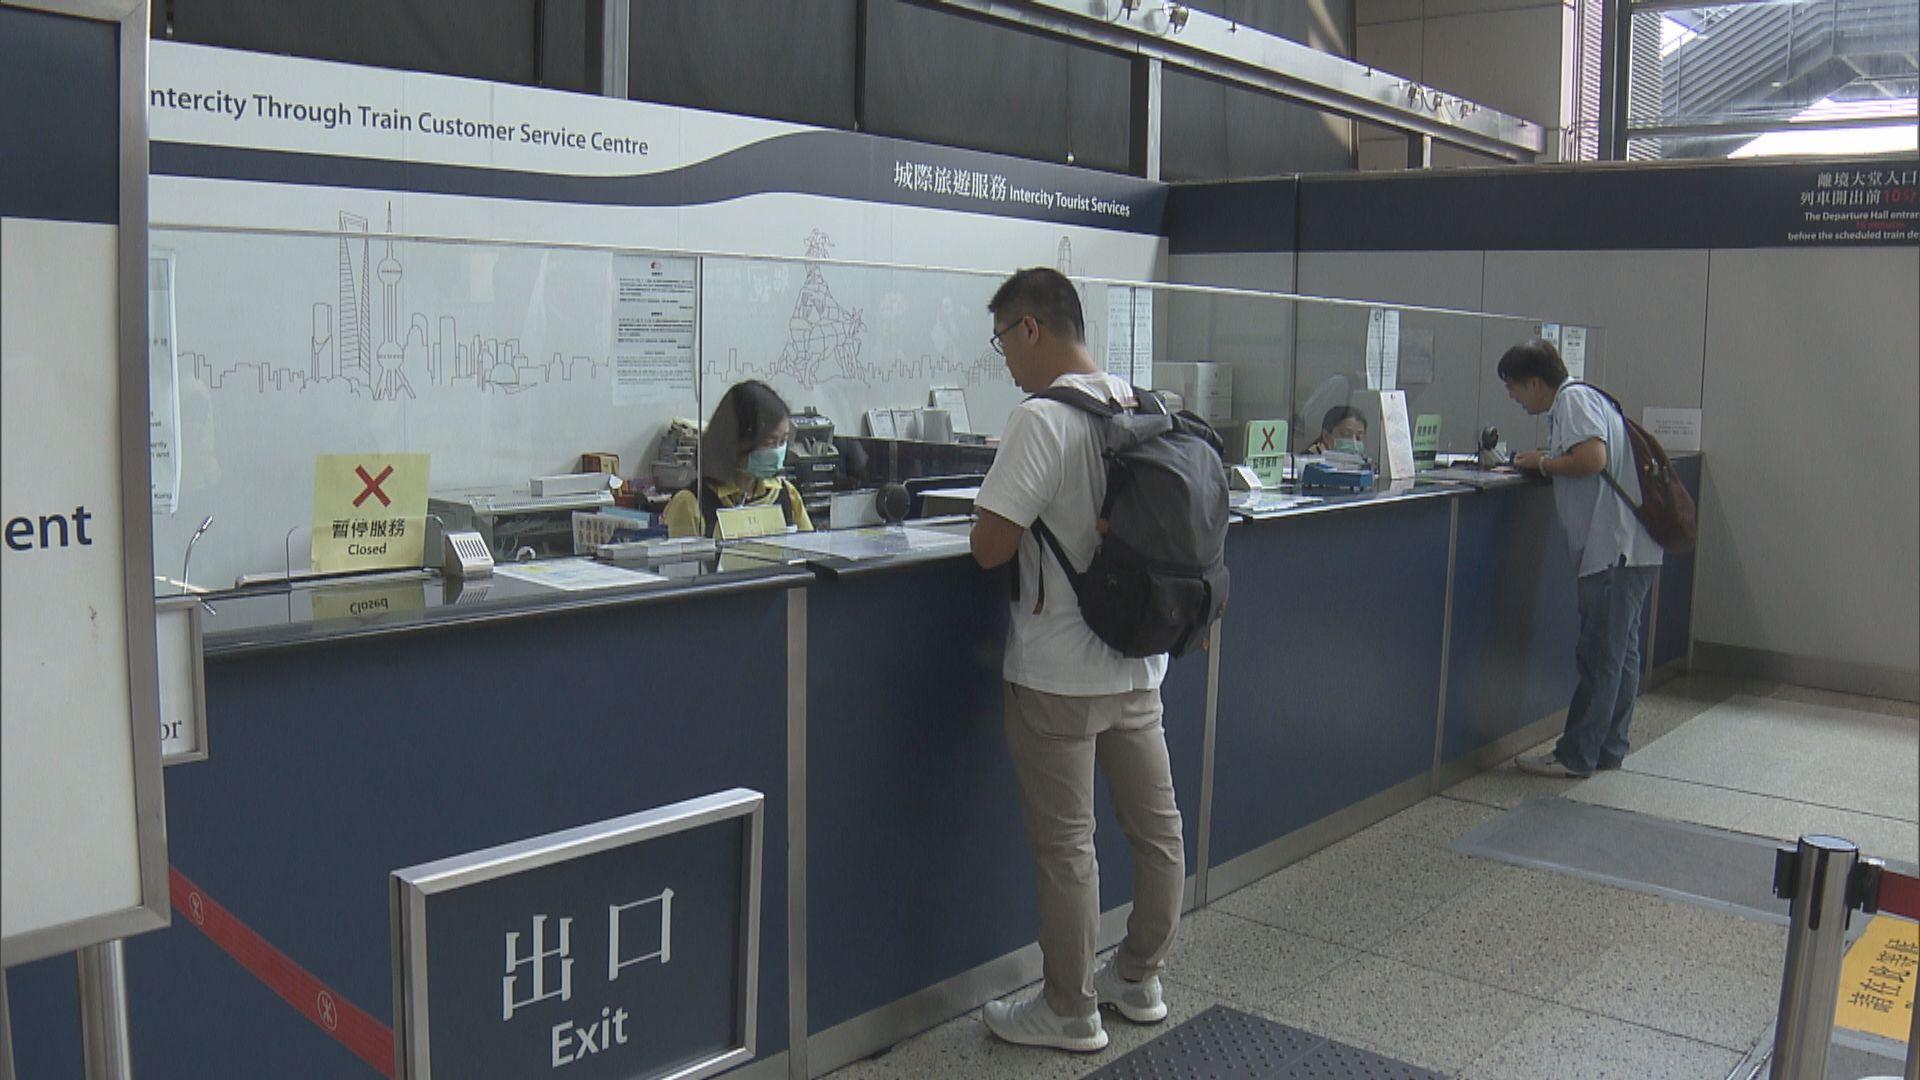 【紅磡出軌】直通車12班次取消 有乘客批退票安排不便